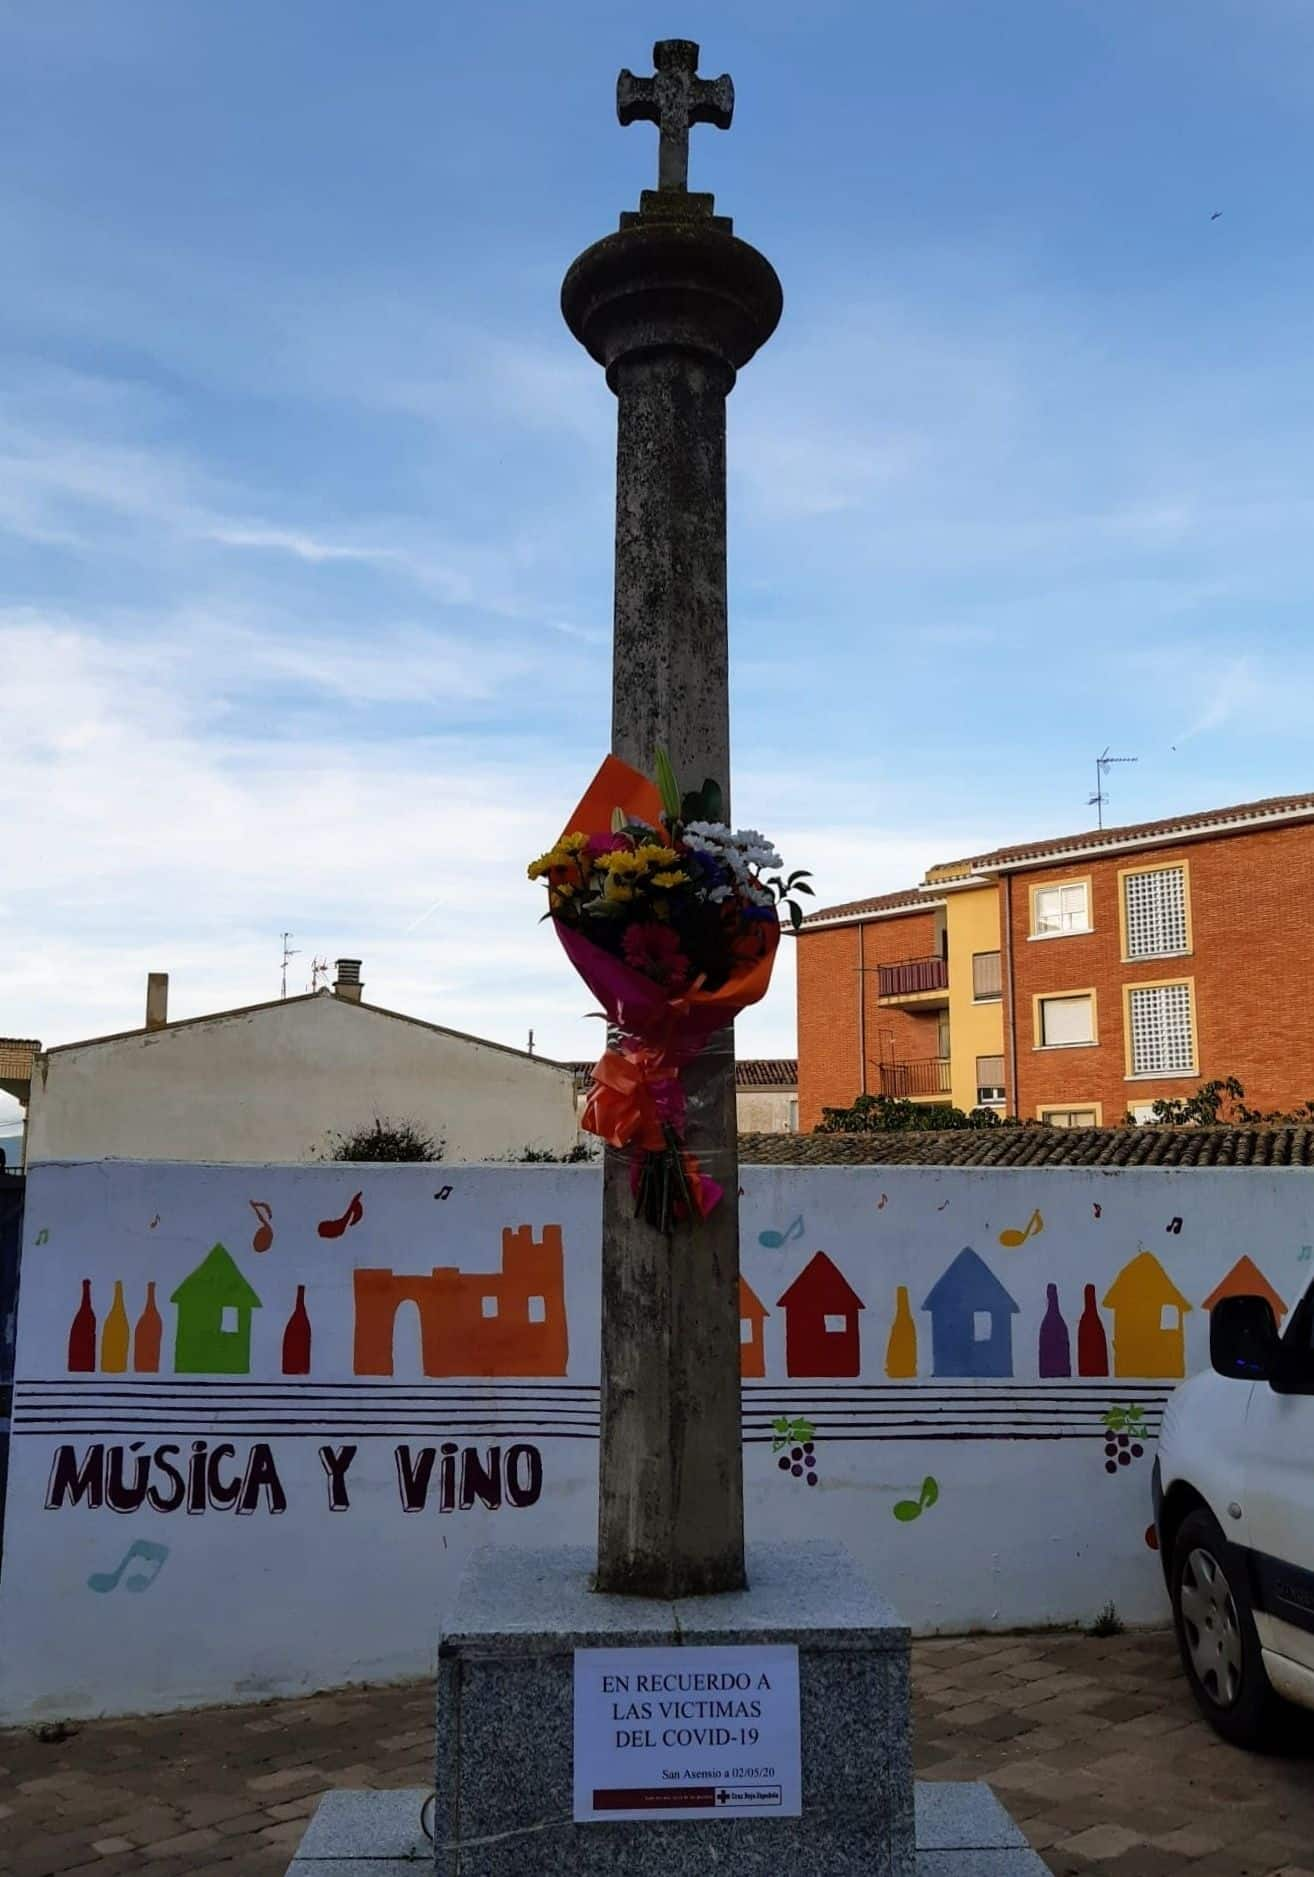 San Asensio y Cruz Roja recuerdan a las víctimas del COVID-19 1